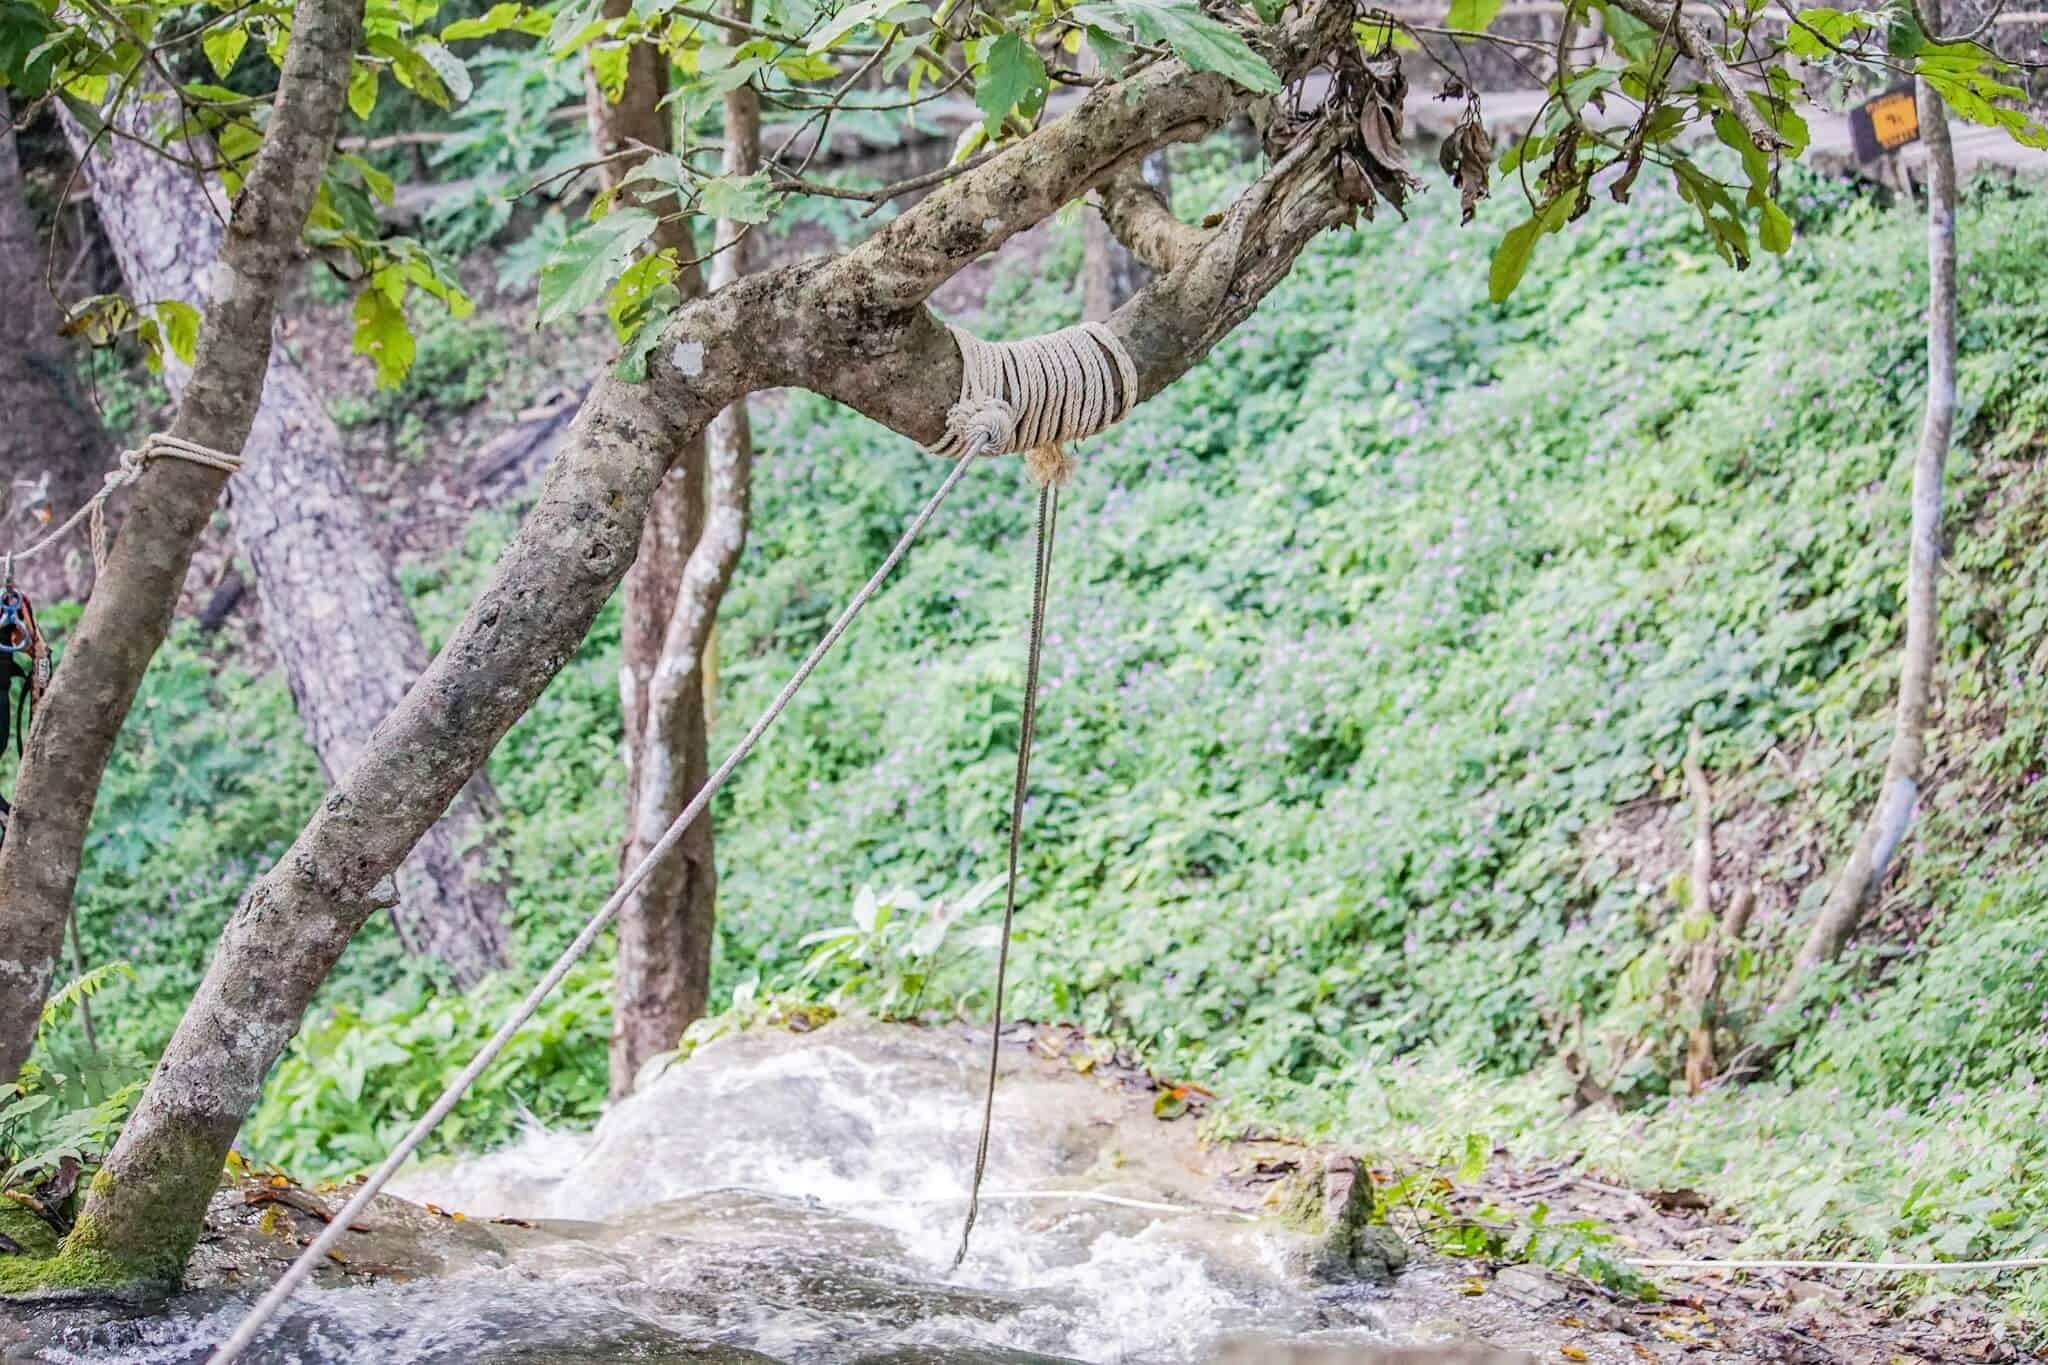 Sticky Waterfalls – Bua Thong Waterfalls